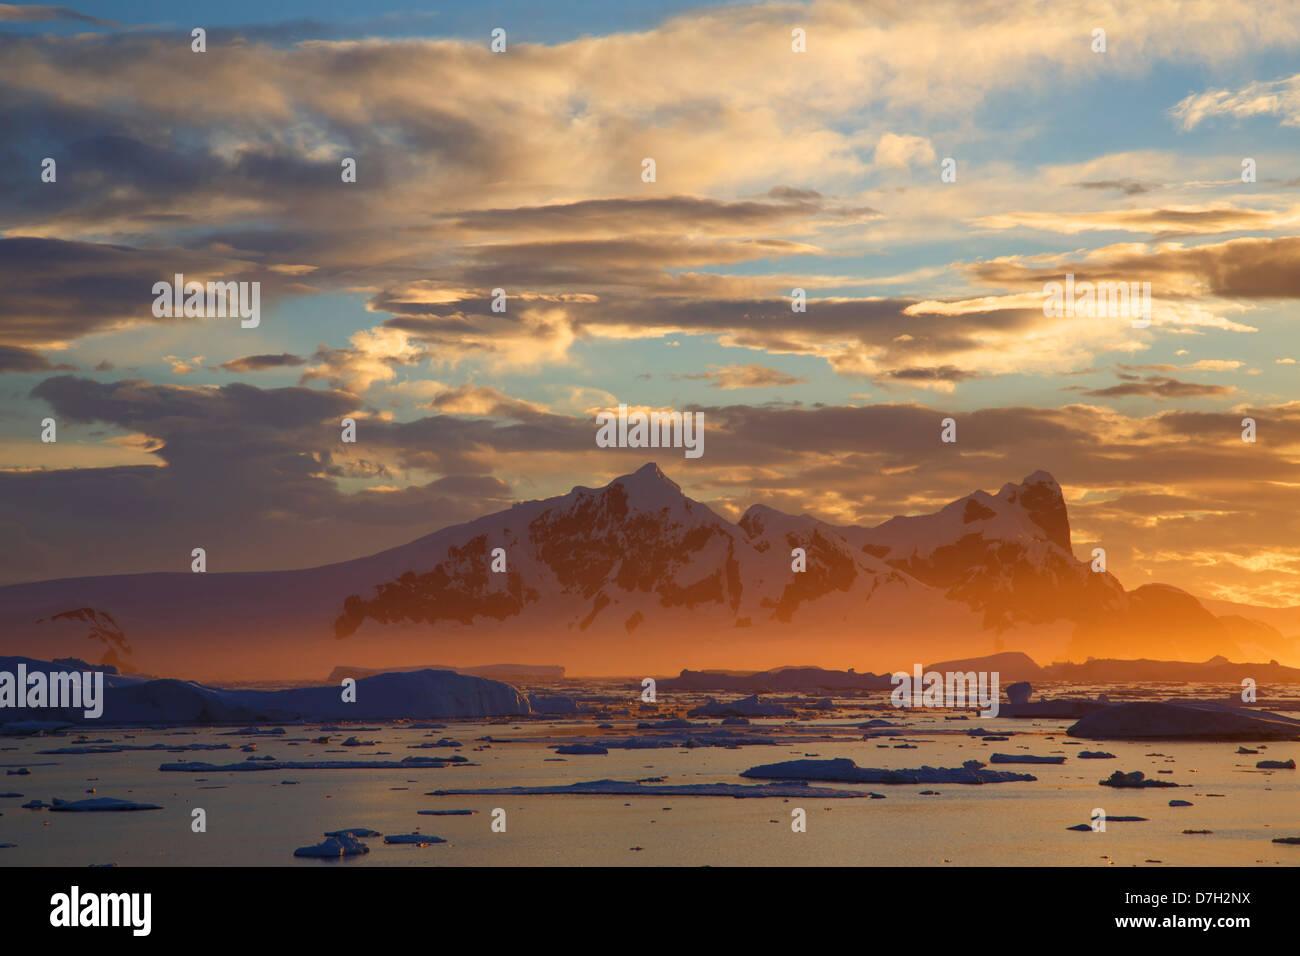 Coucher de soleil / Lever du soleil comme nous voyageons en dessous du Cercle Antarctique, l'Antarctique. Photo Stock